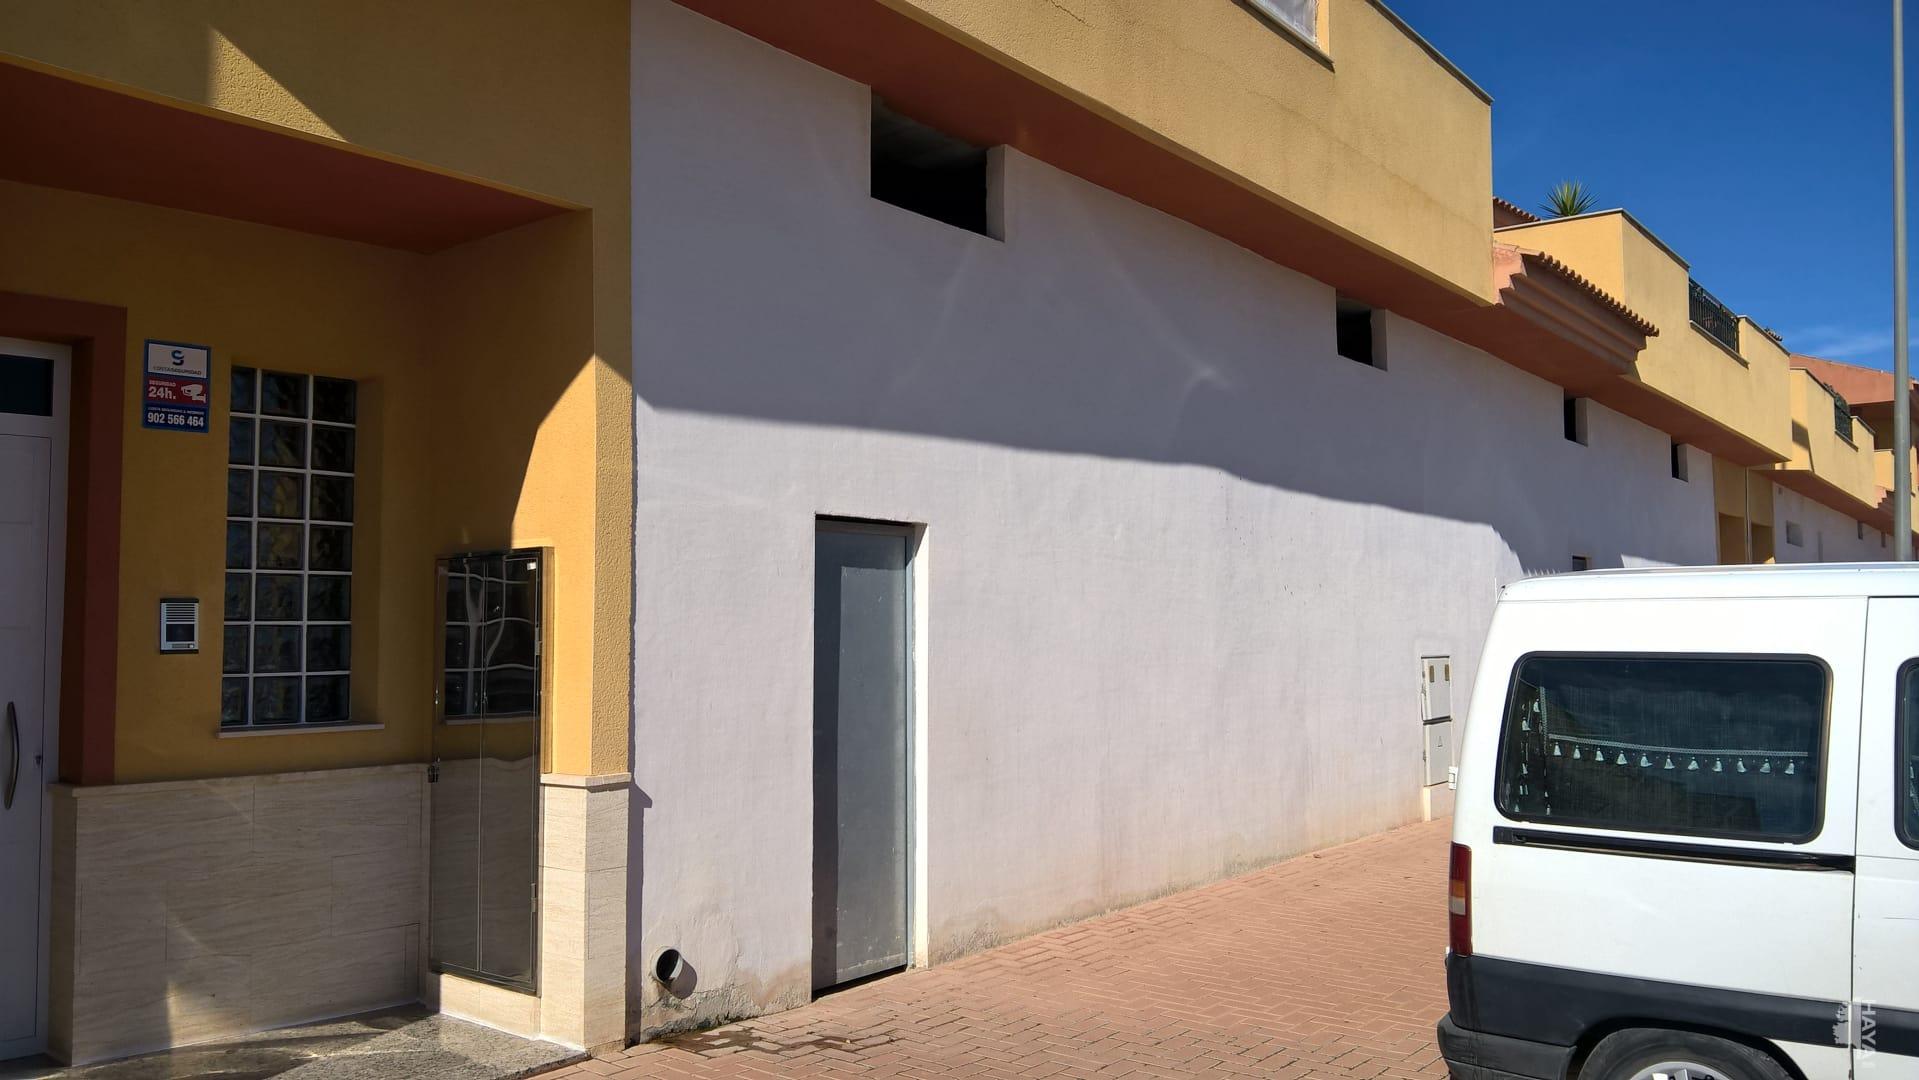 Local en venta en Los Meroños, Torre-pacheco, Murcia, Carretera de Balsicas, 149.677 €, 176 m2